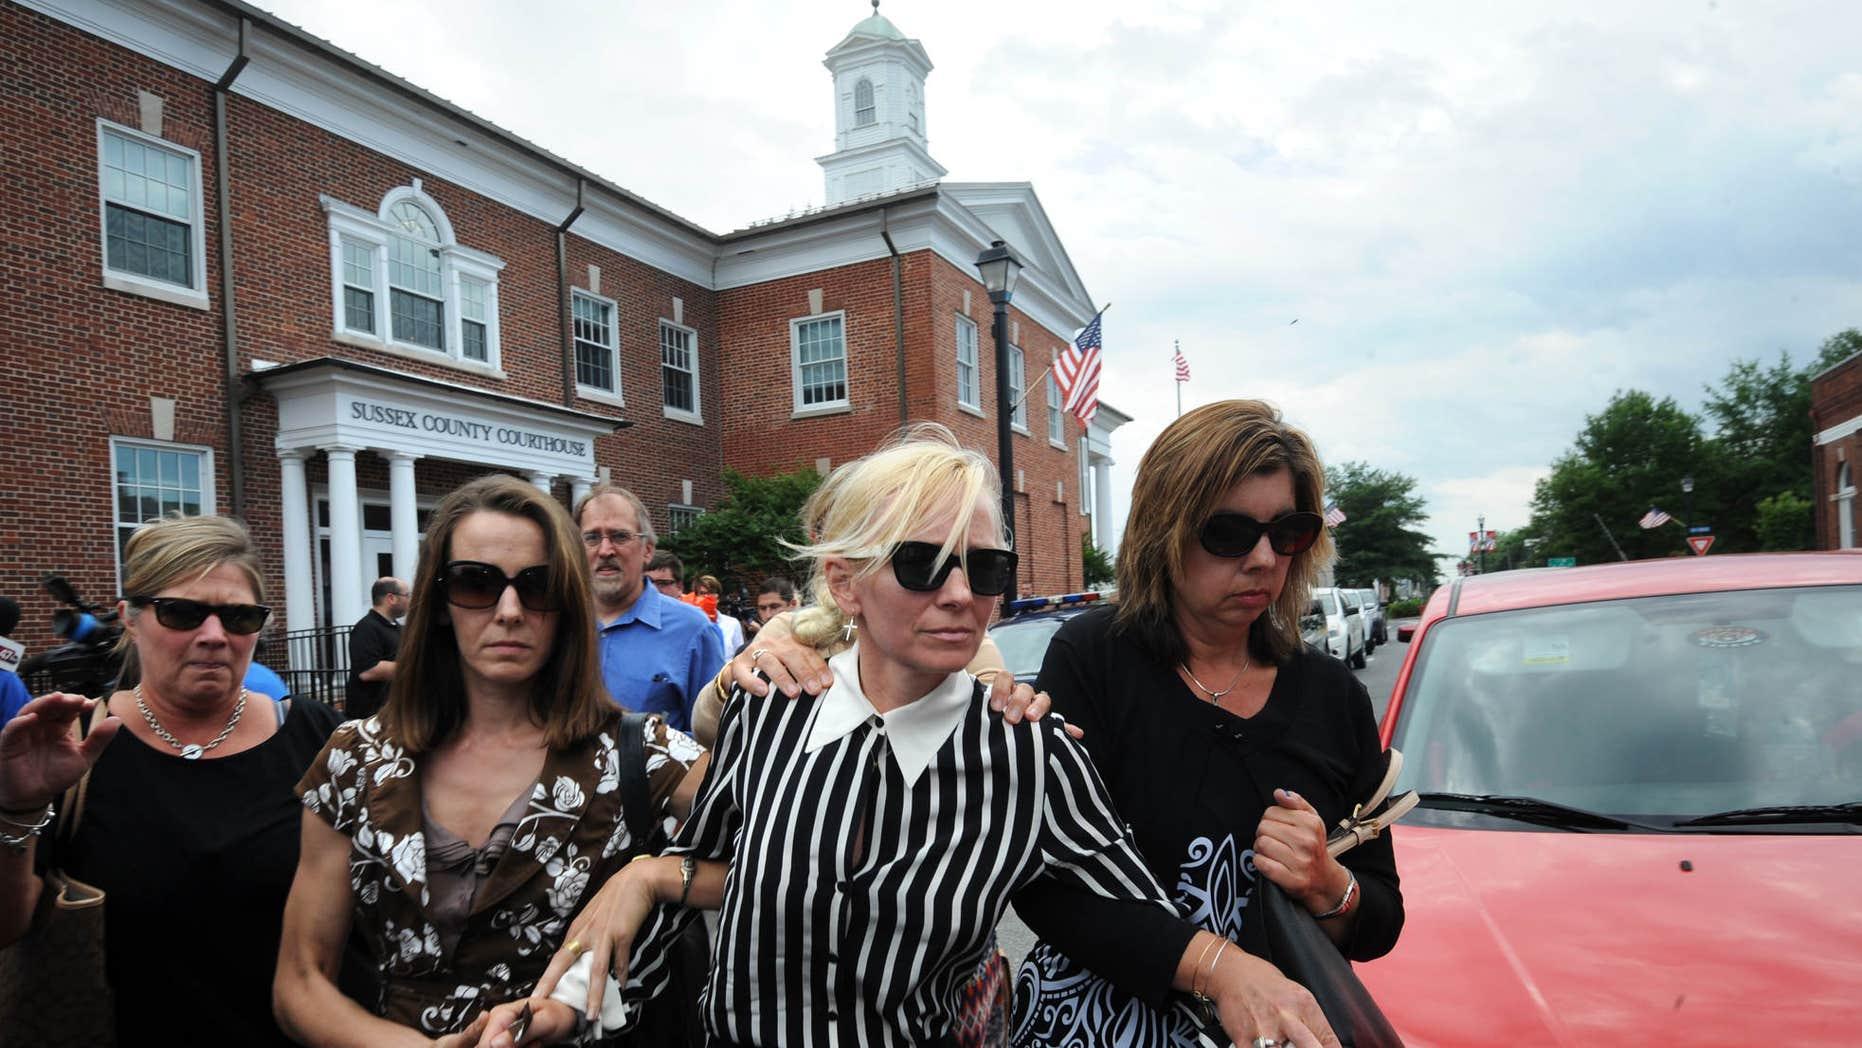 June 16, 2015: Ex-Baltimore Ravens cheerleader Molly Shattuck  leaves Delaware courthouse.